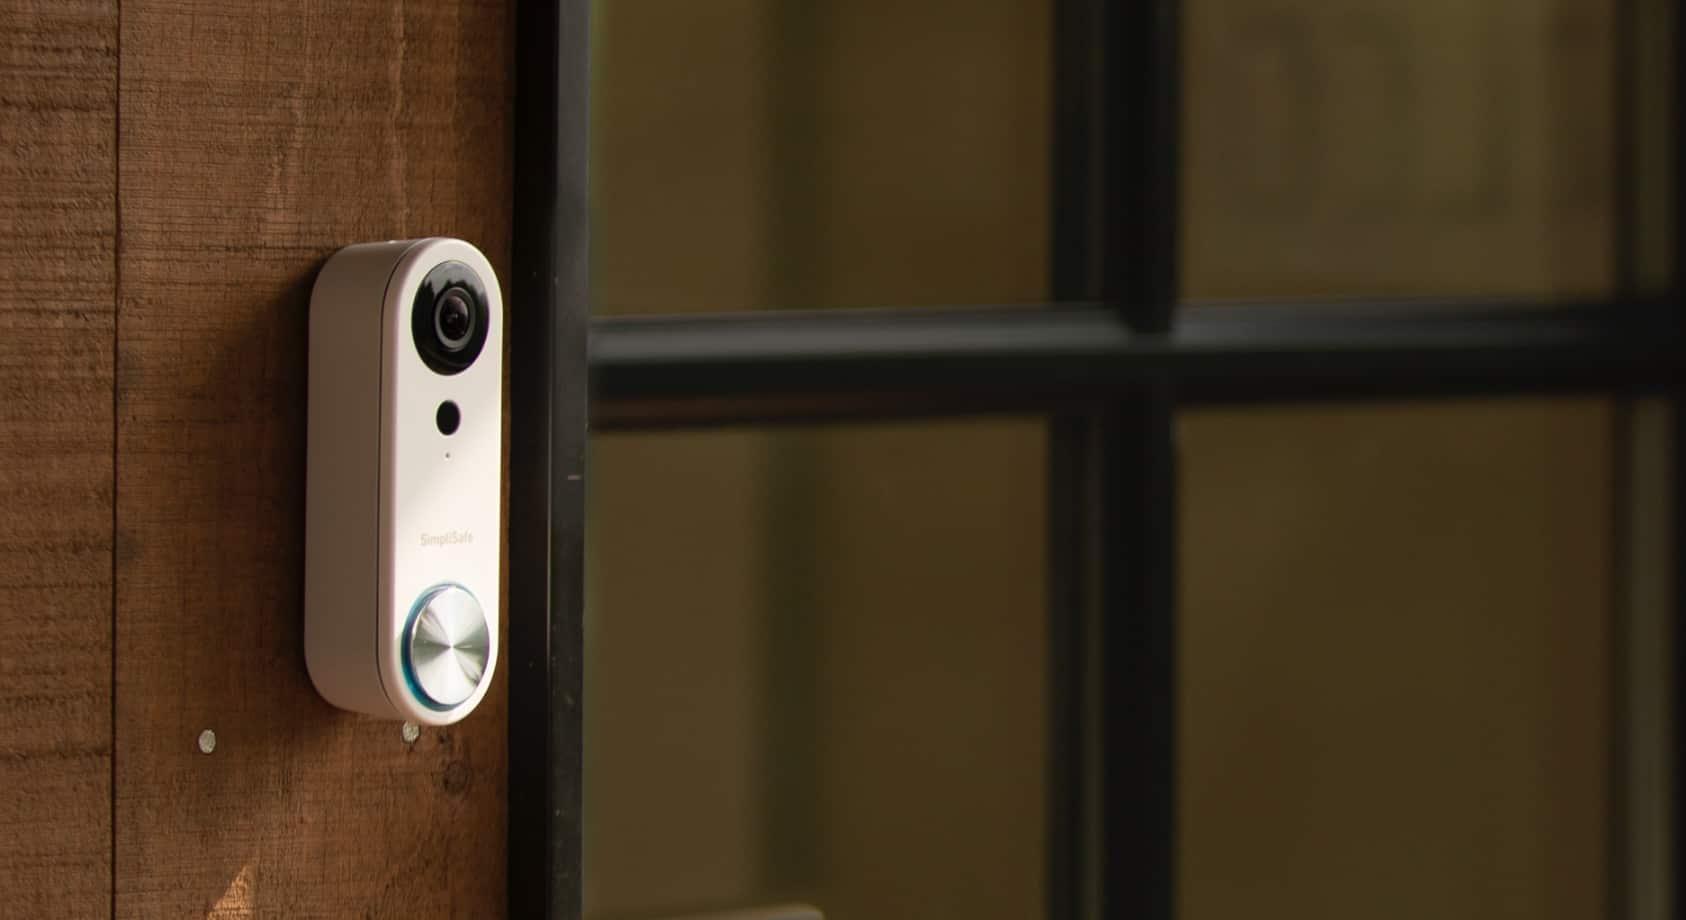 Best Doorbell Cameras Of 2019 The Best Video Doorbells